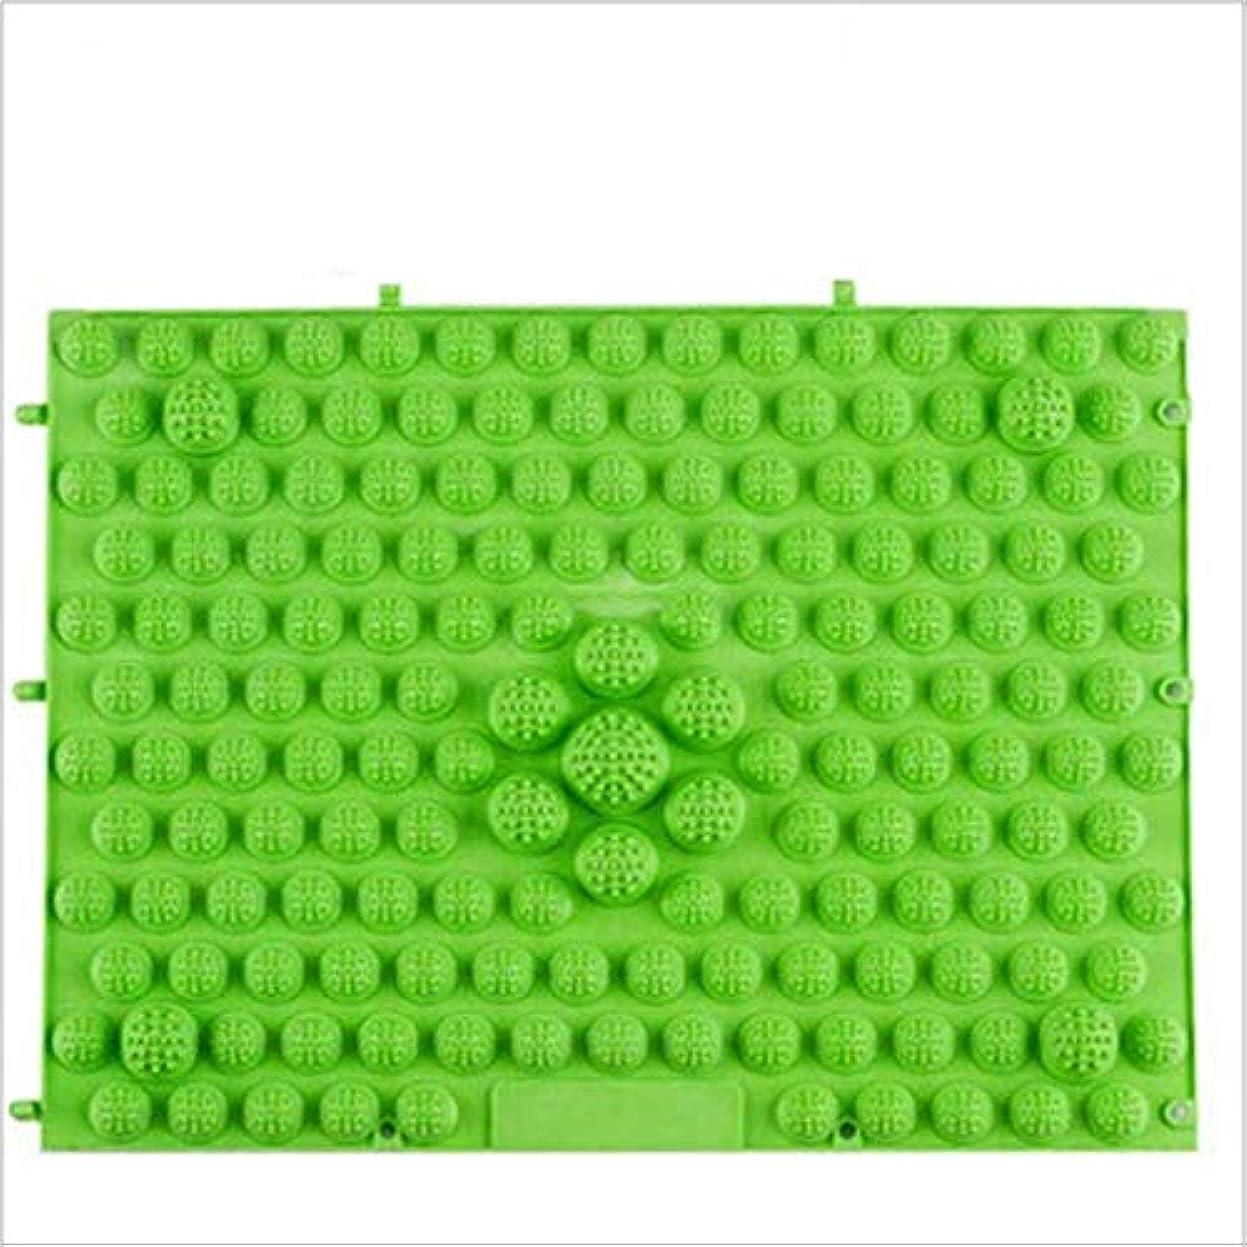 ブラウン引退する抽出ウォークマット 裏板セット(ABS樹脂製補強板付き) (グリーン)